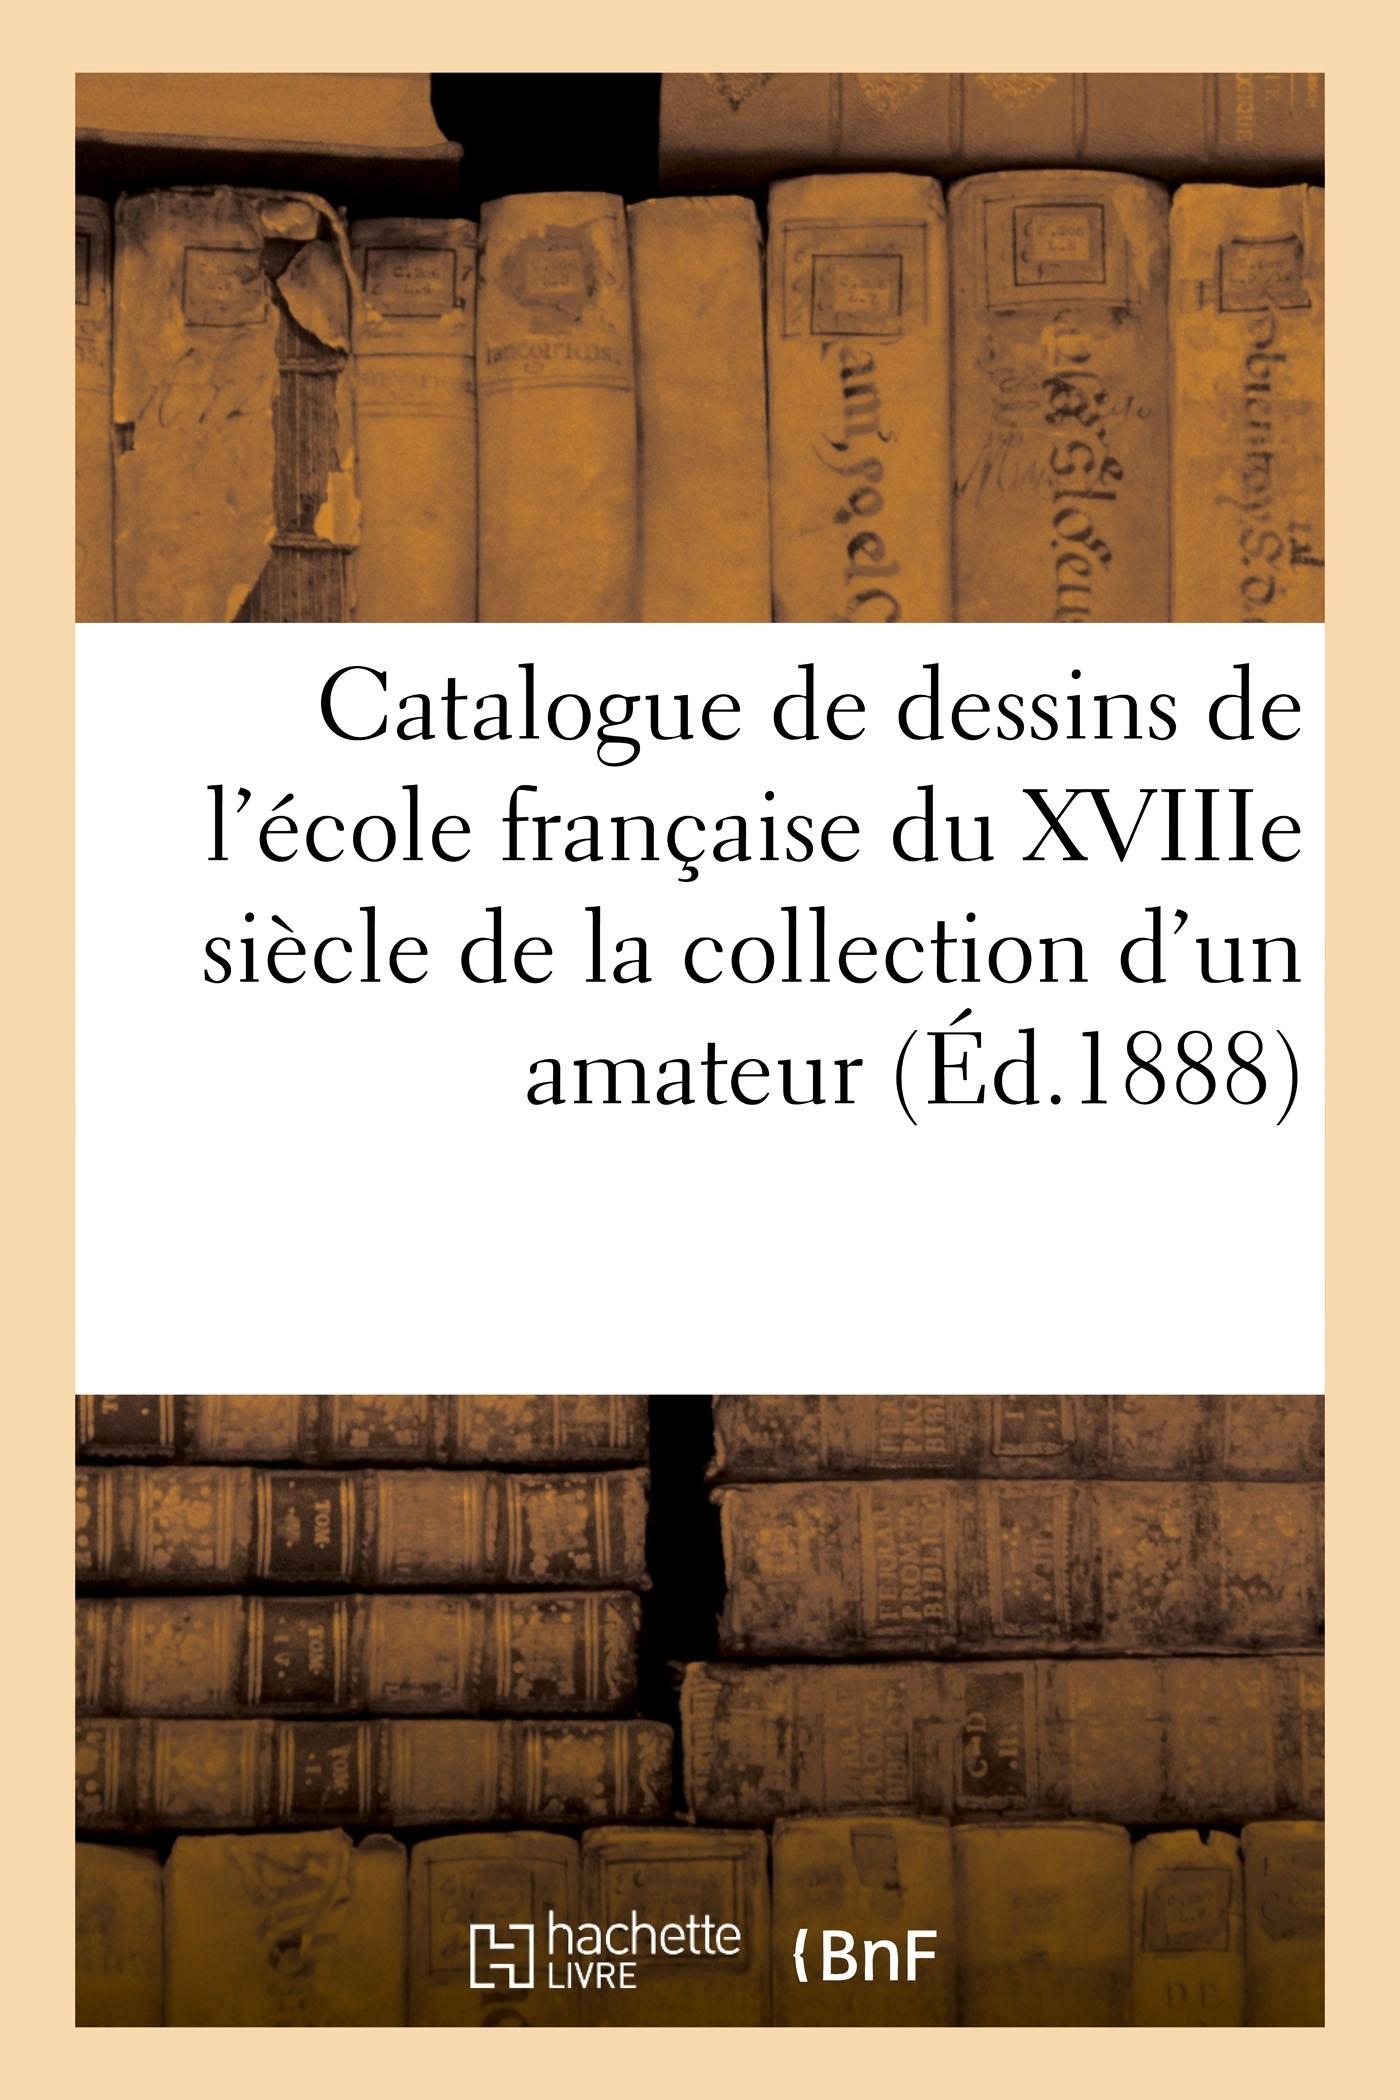 CATALOGUE DE DESSINS ANCIENS PRINCIPALEMENT DE L'ECOLE FRANCAISE DU XVIIIE SIECLE - DE LA COLLECTION